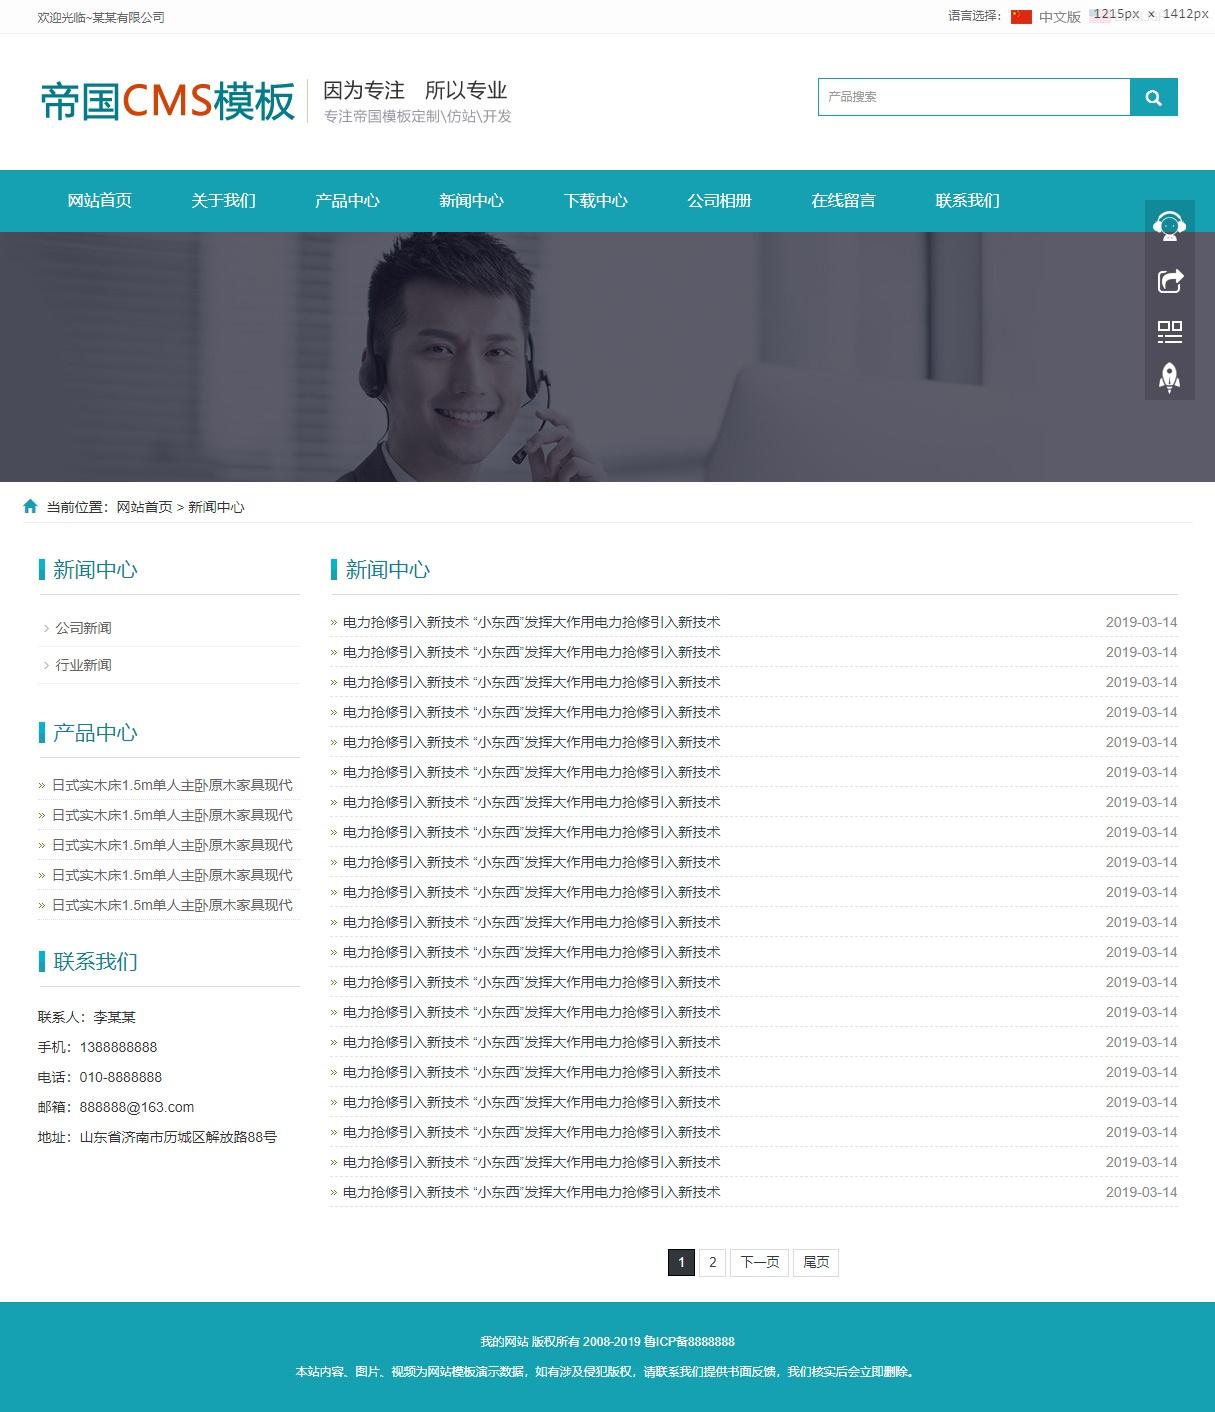 帝国cms模板之公司企业中英文双语版自适应响应式手机网站模板_新闻列表页